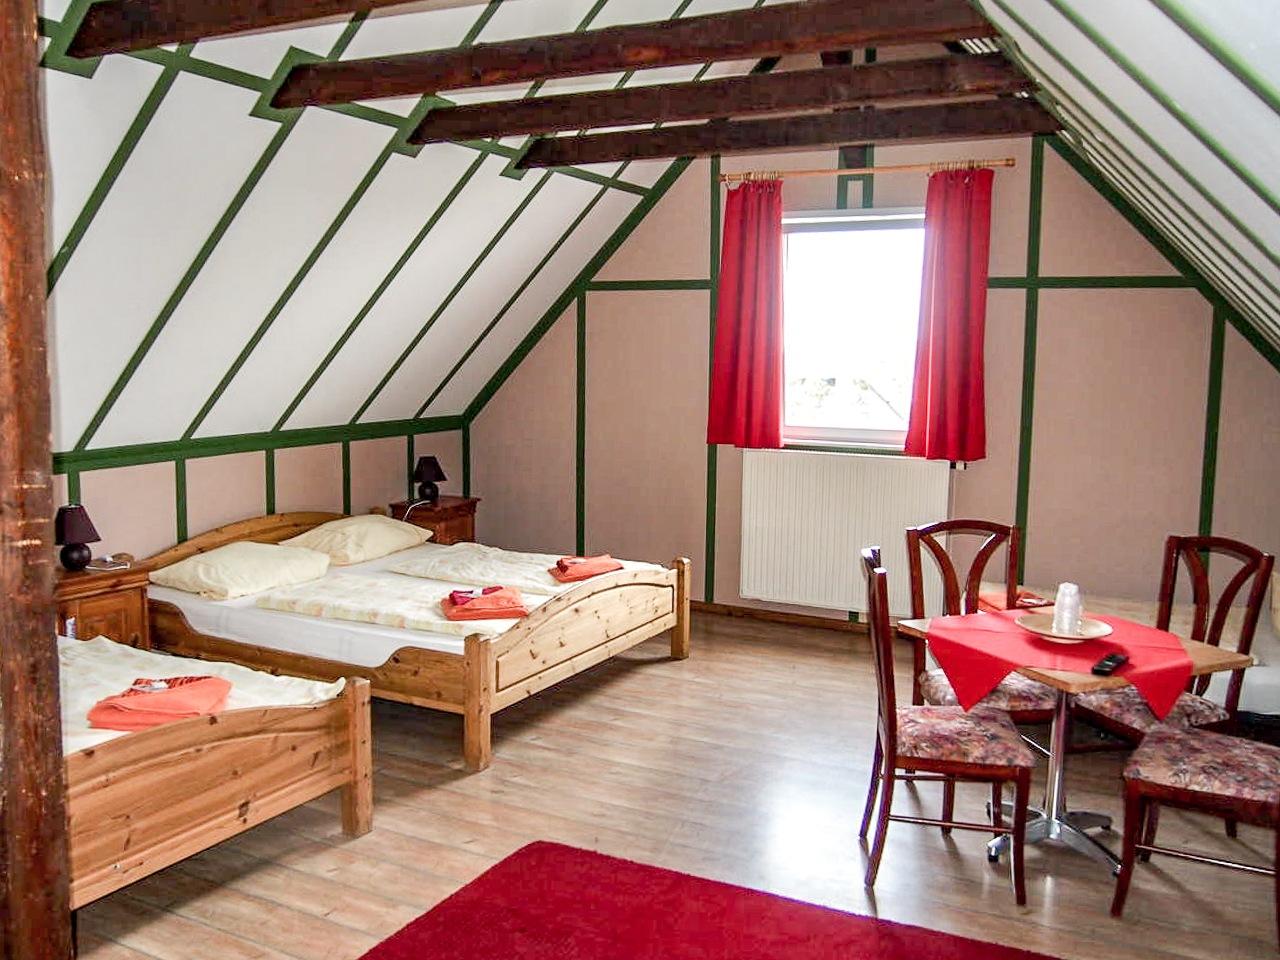 Pension Haus Saarland Ansicht Mehrbettzimmer